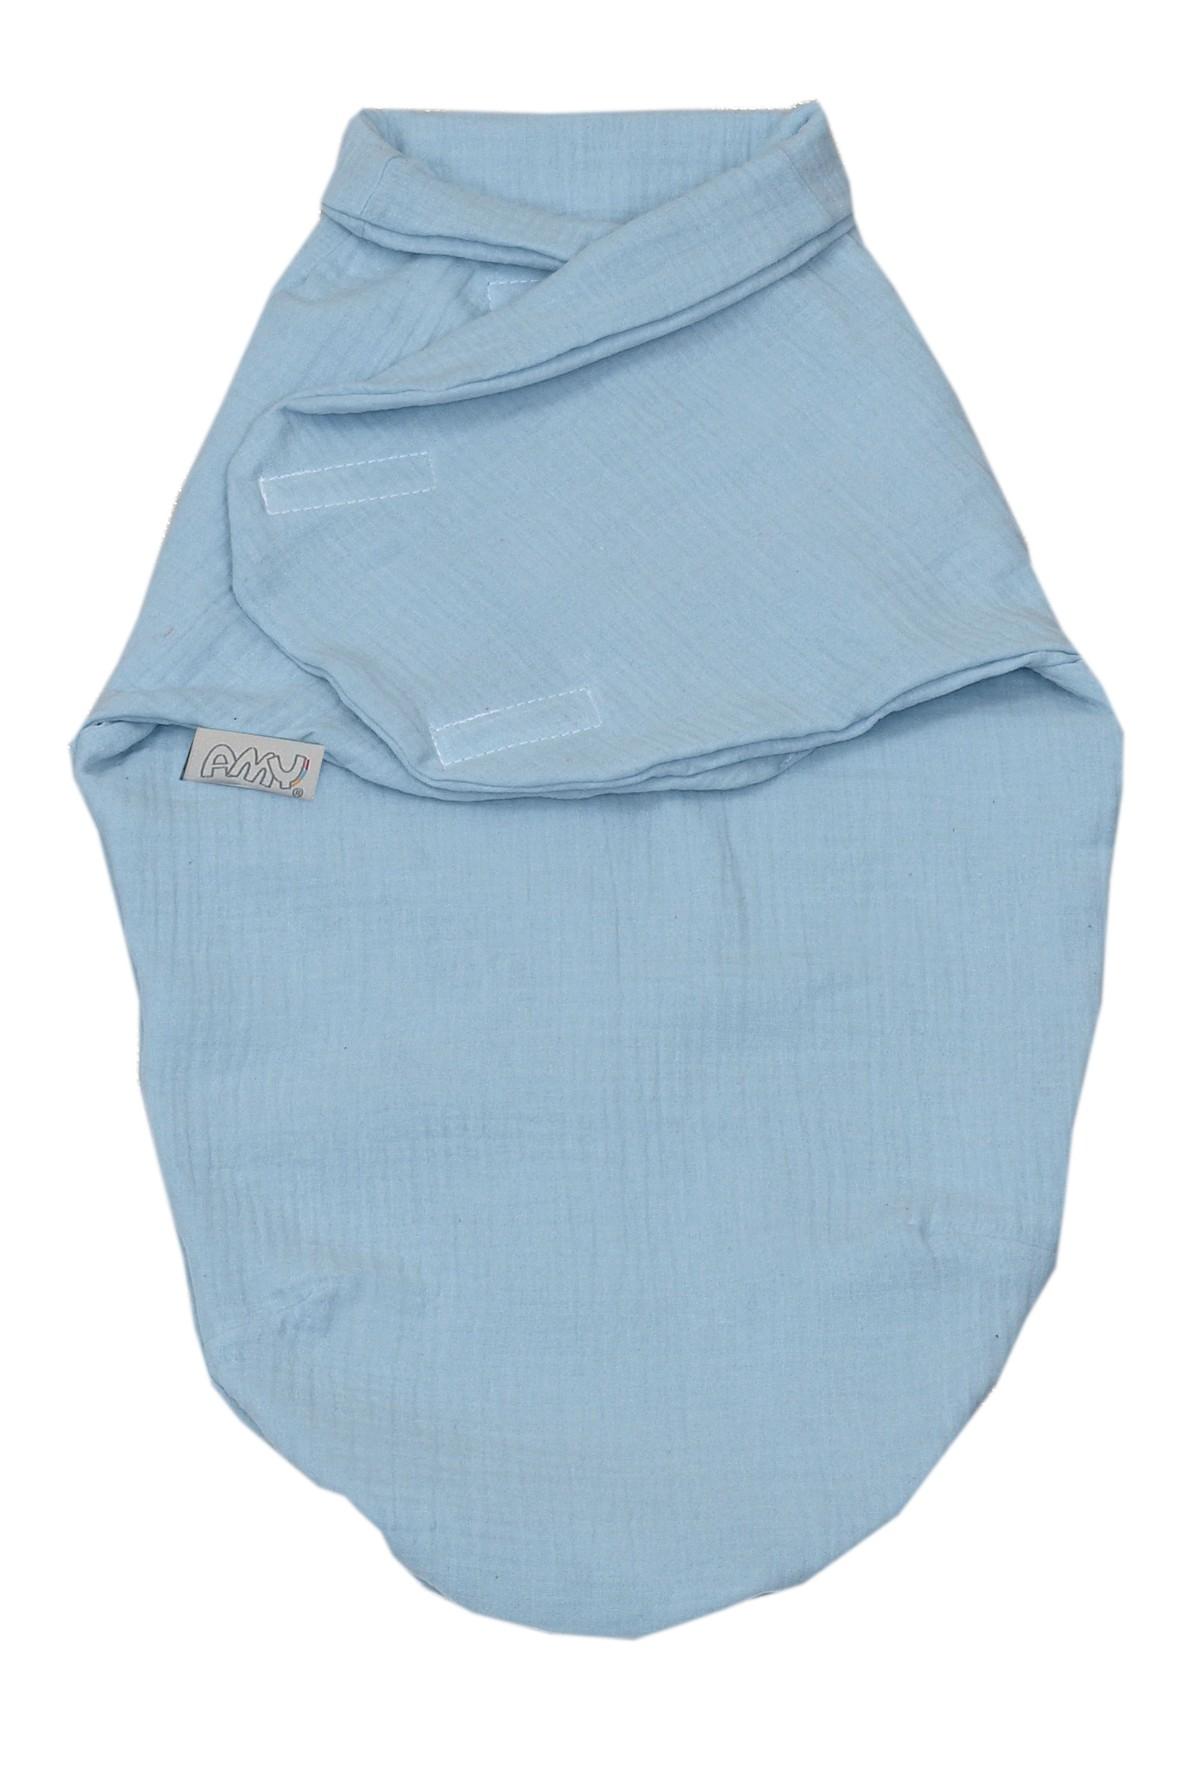 Otulacz niemowlęcy muślinowy 72x60cm niebieski